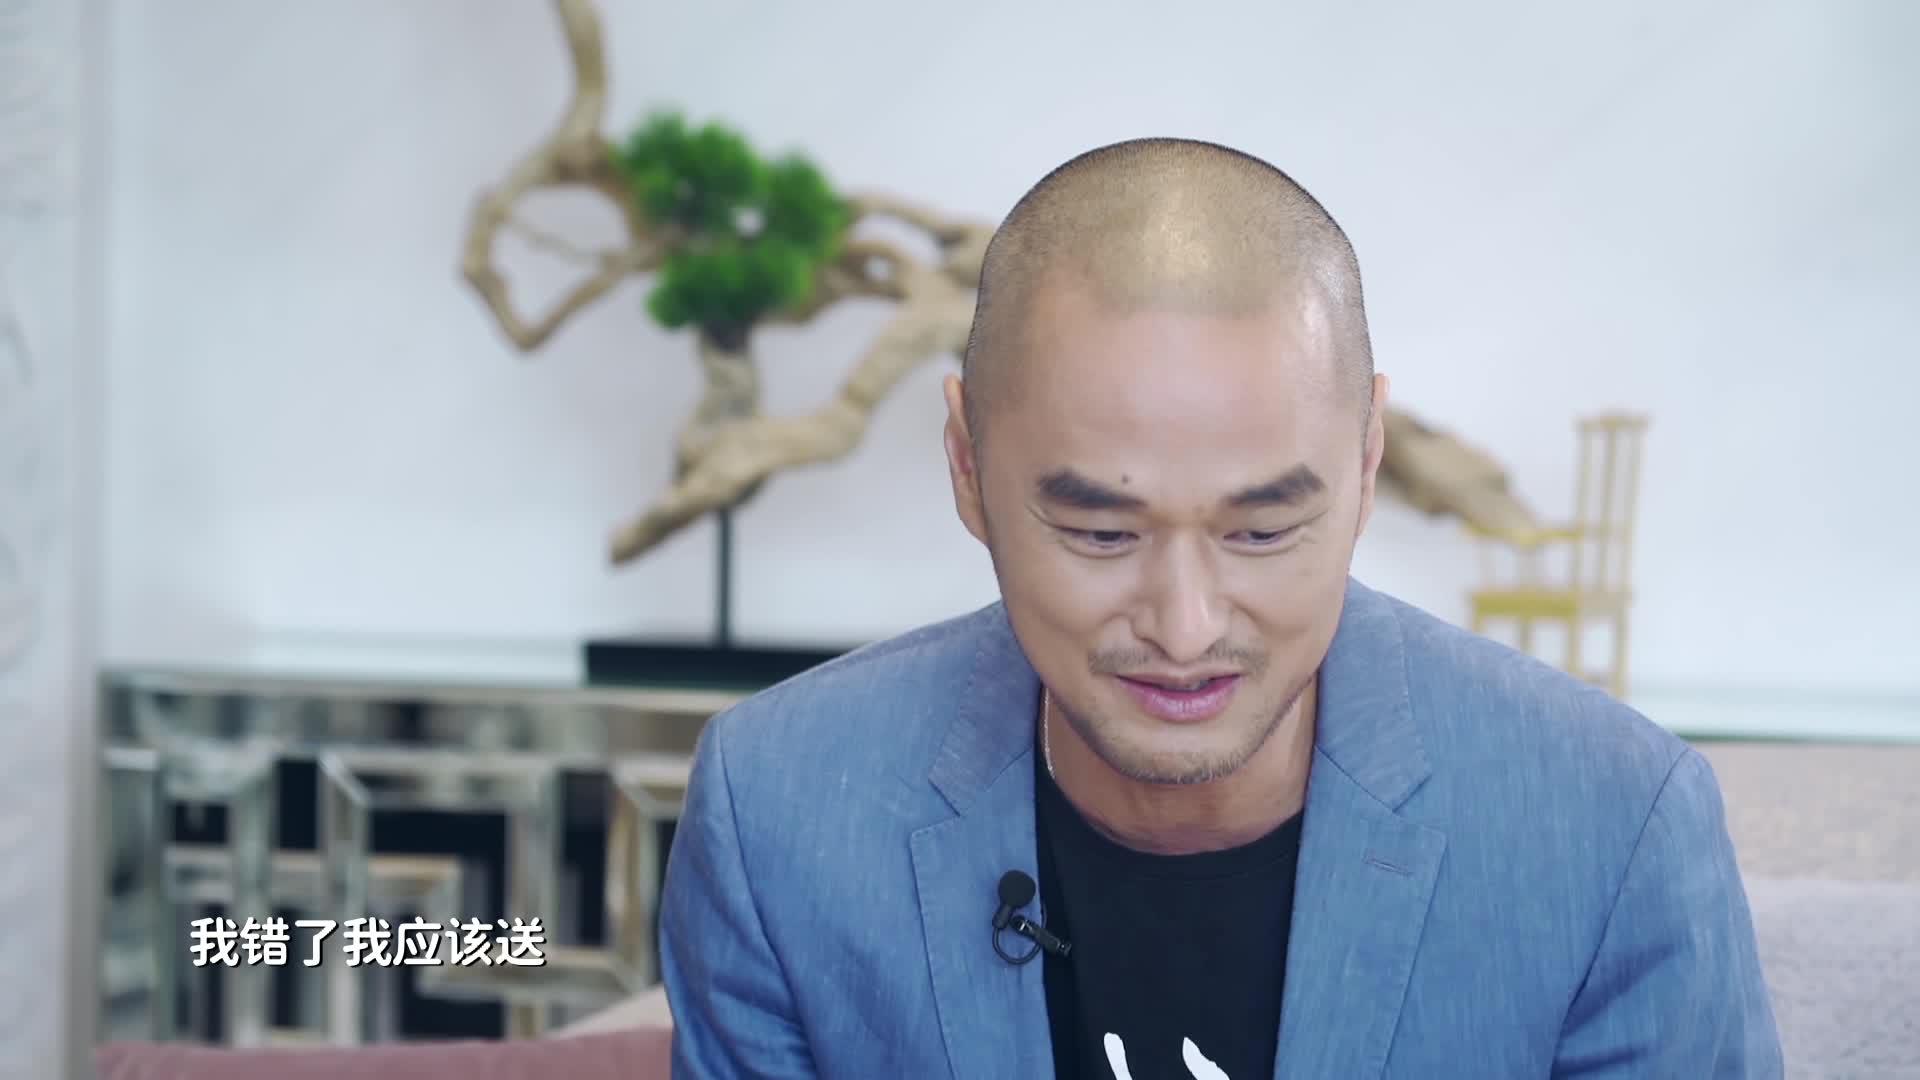 《这局有料儿》第二季 冯唐上集预告